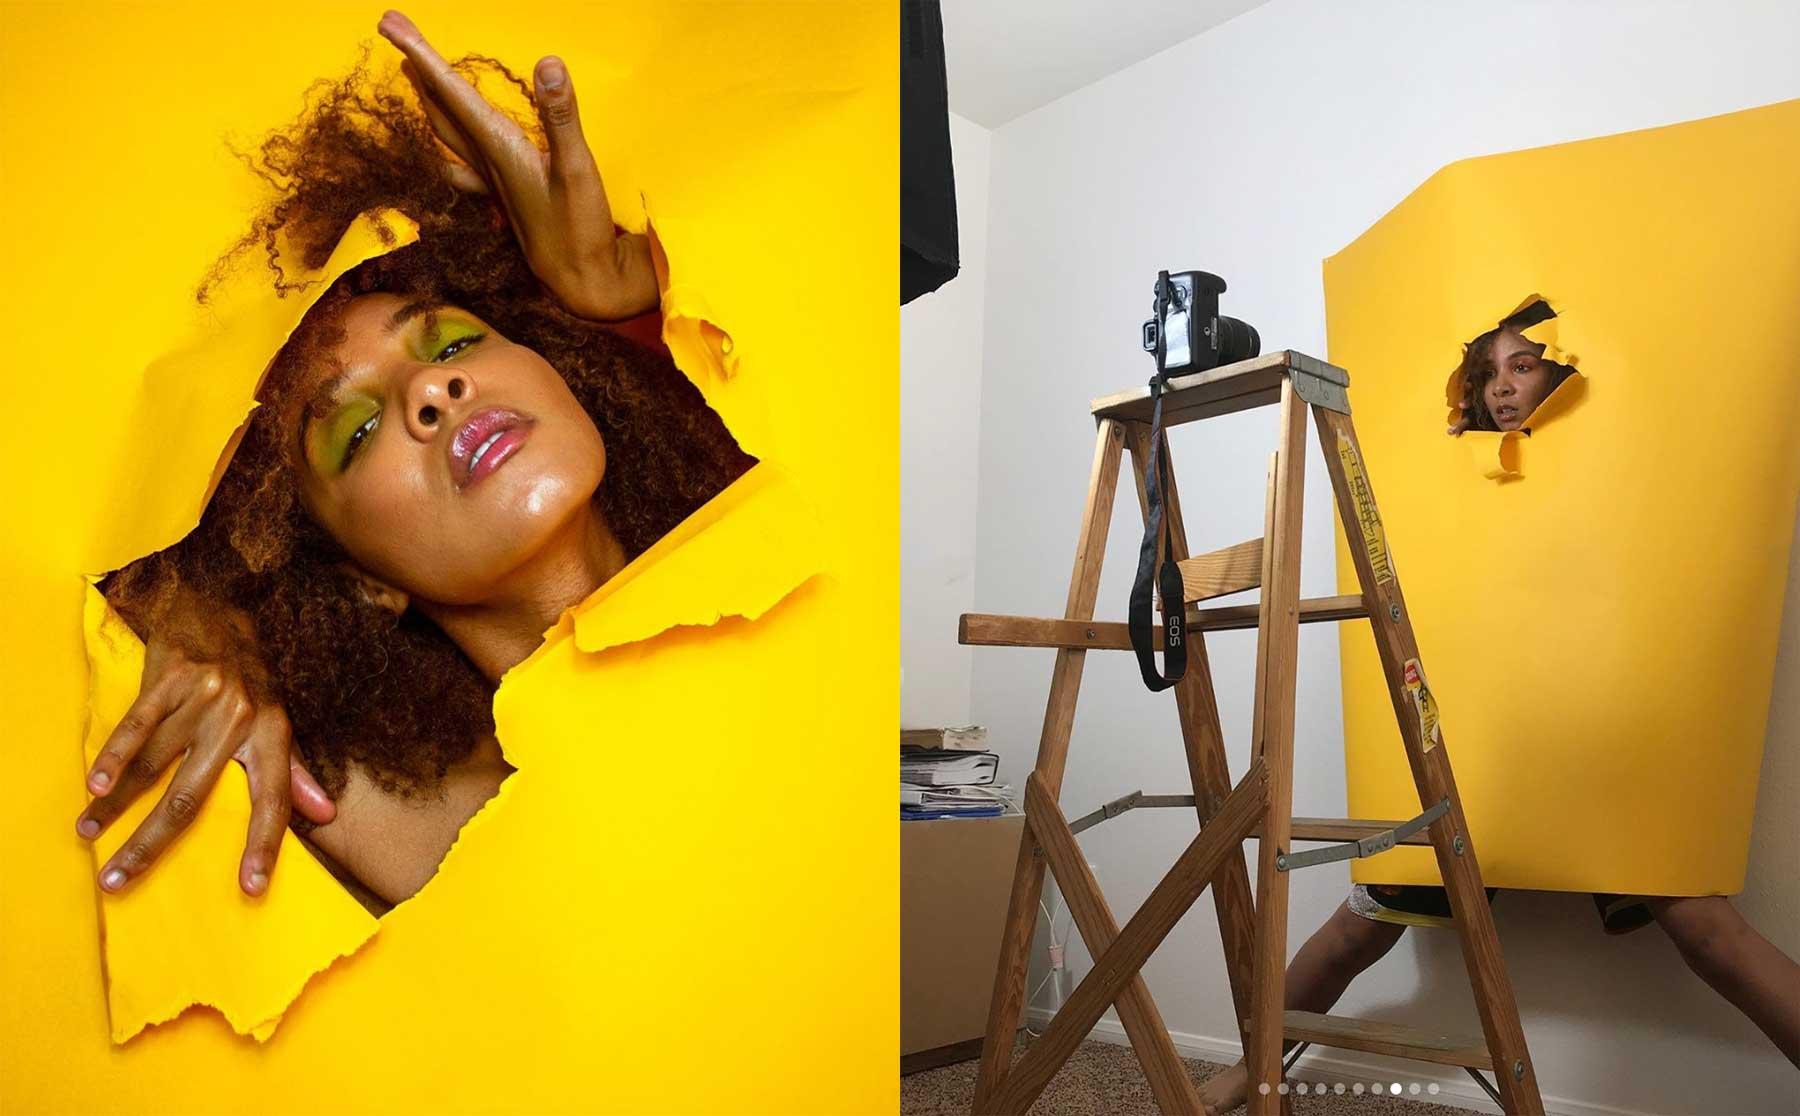 Instagramerin zeigt, wie sie kreative Kulissen für ihre Selbstportraits erstellt Kimberly-Douglas-kihmberlie-making-of-selbstportraits_02